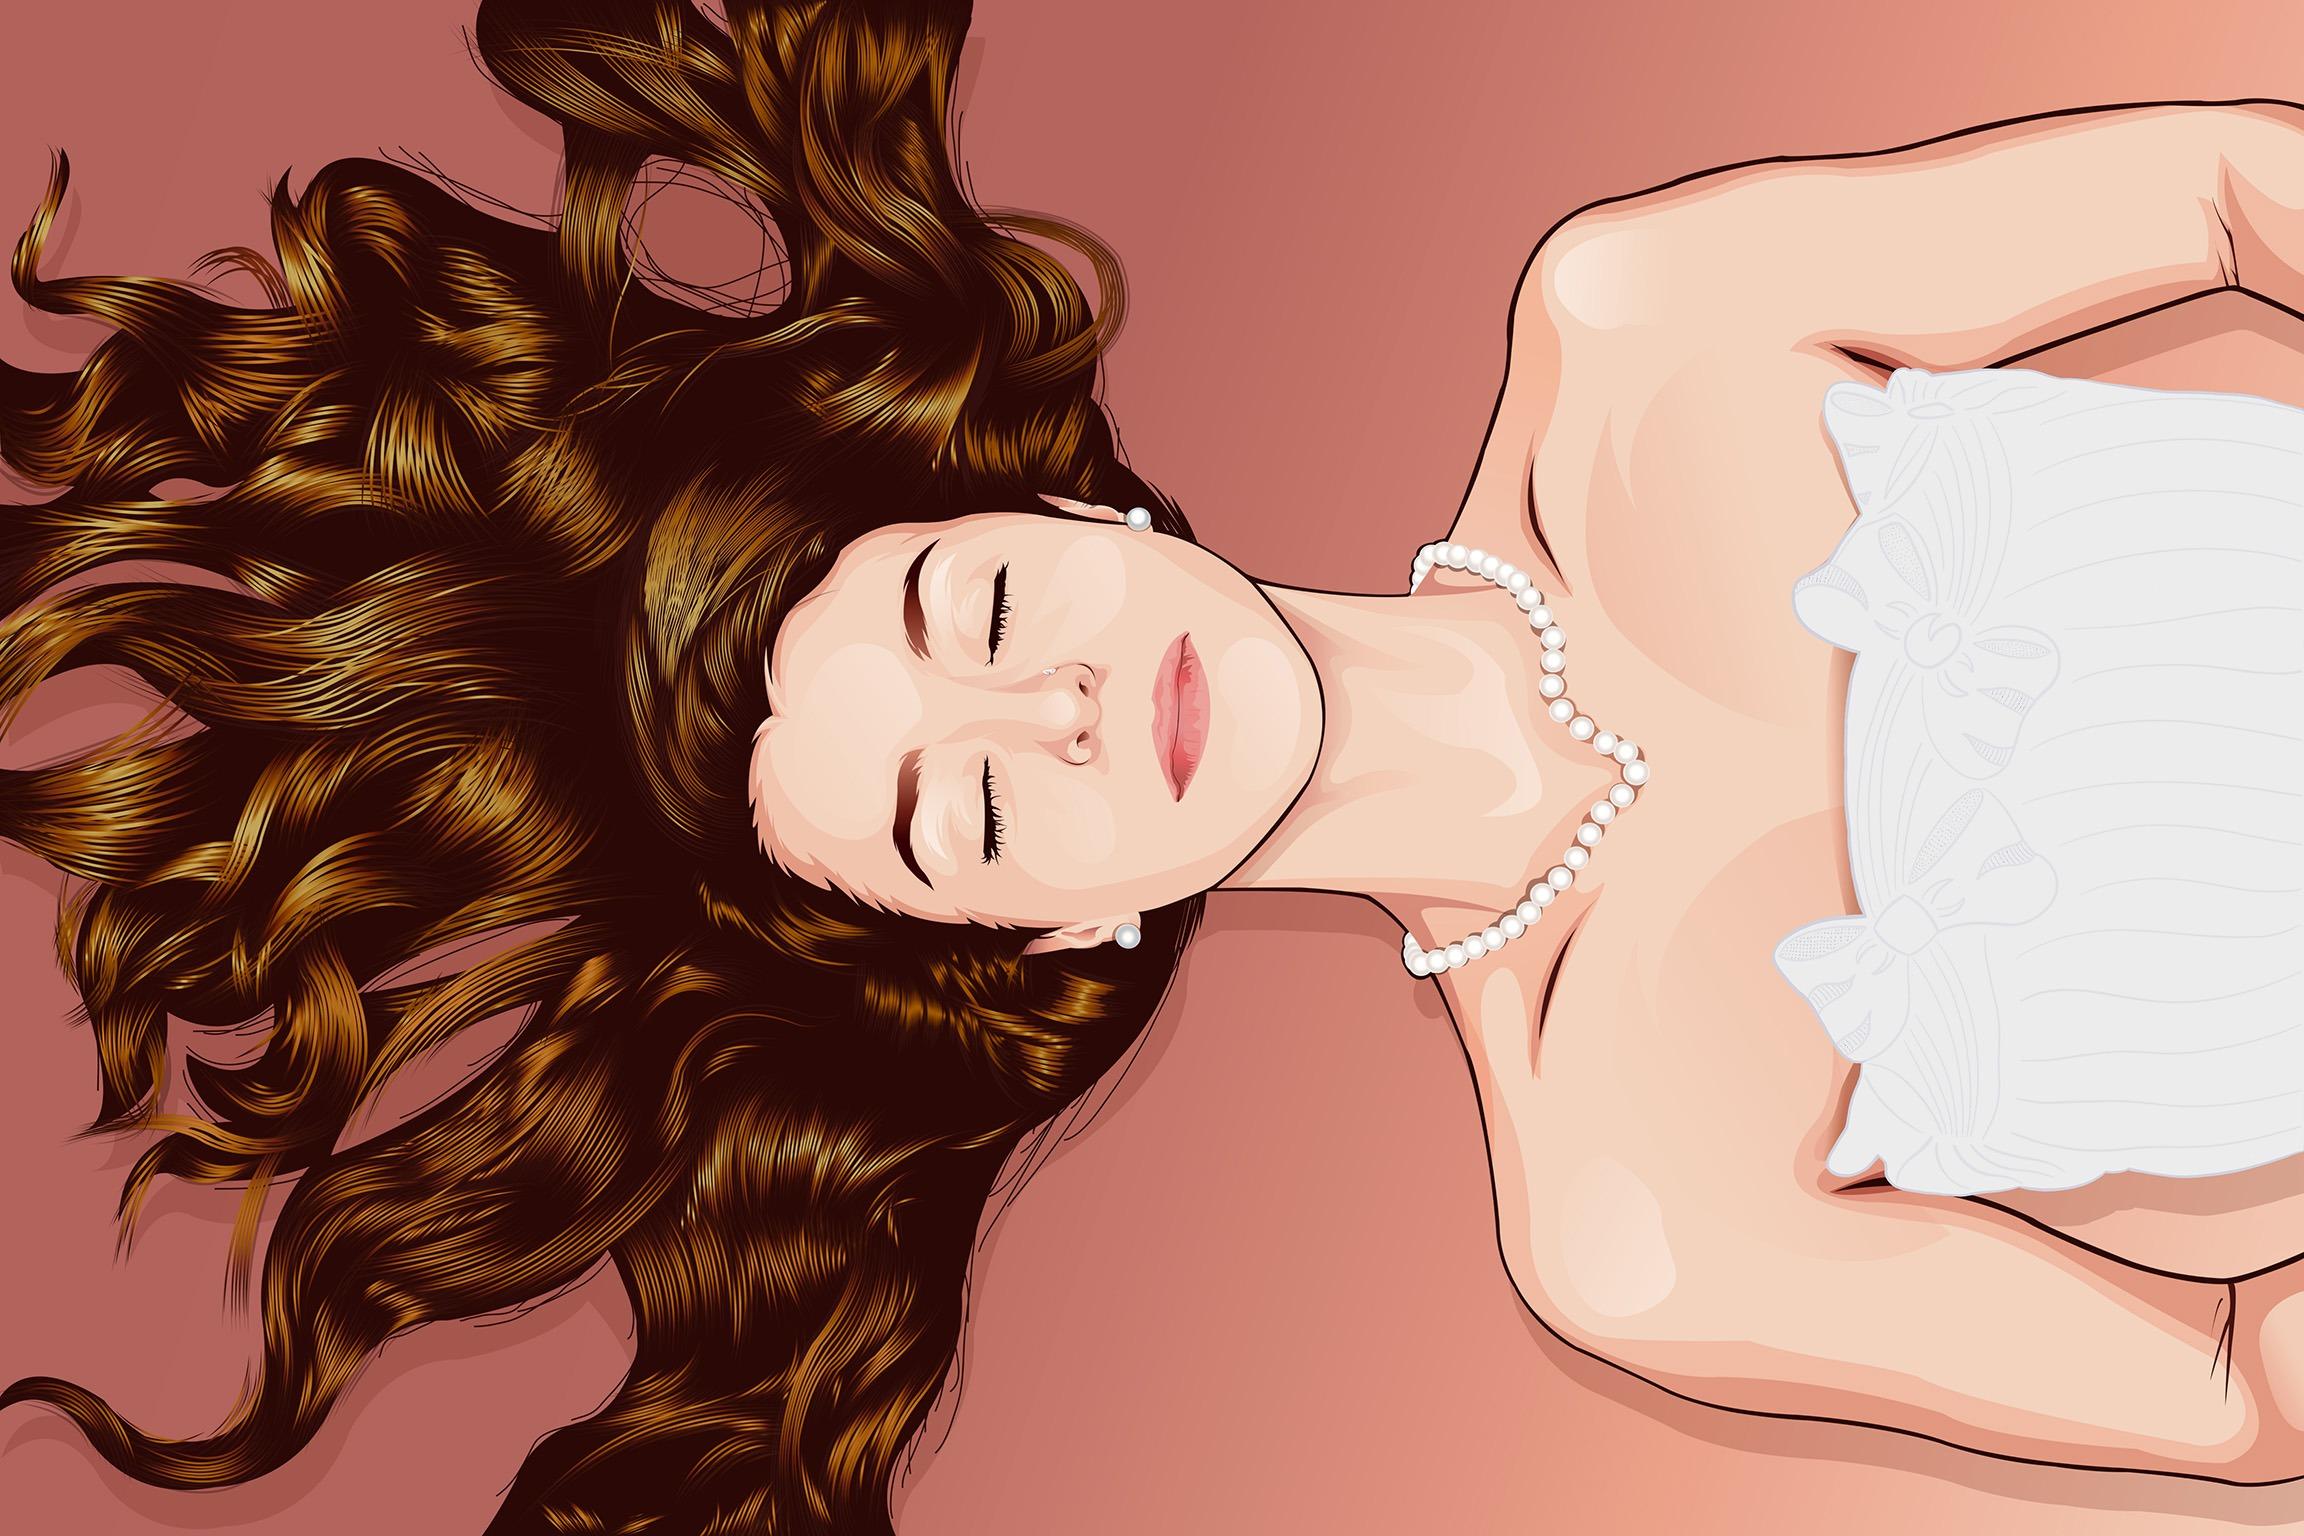 Une jeune femme brune allongée avec les yeux fermés sur fond rose pâle